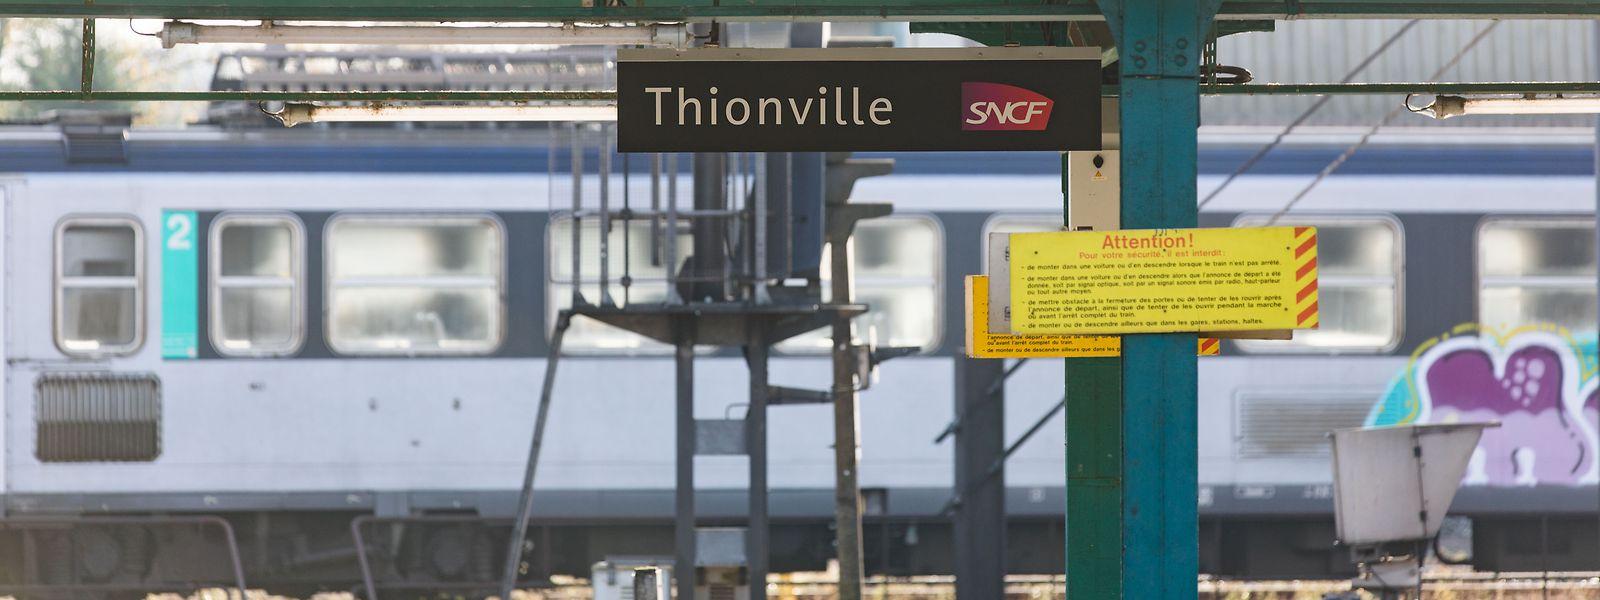 Weil noch nicht alle französischen Triebwagen mit dem neuen Sicherheitssystem ausgerüstet sind, wird es auf der Linie Thionville Luxemburg eng werden.